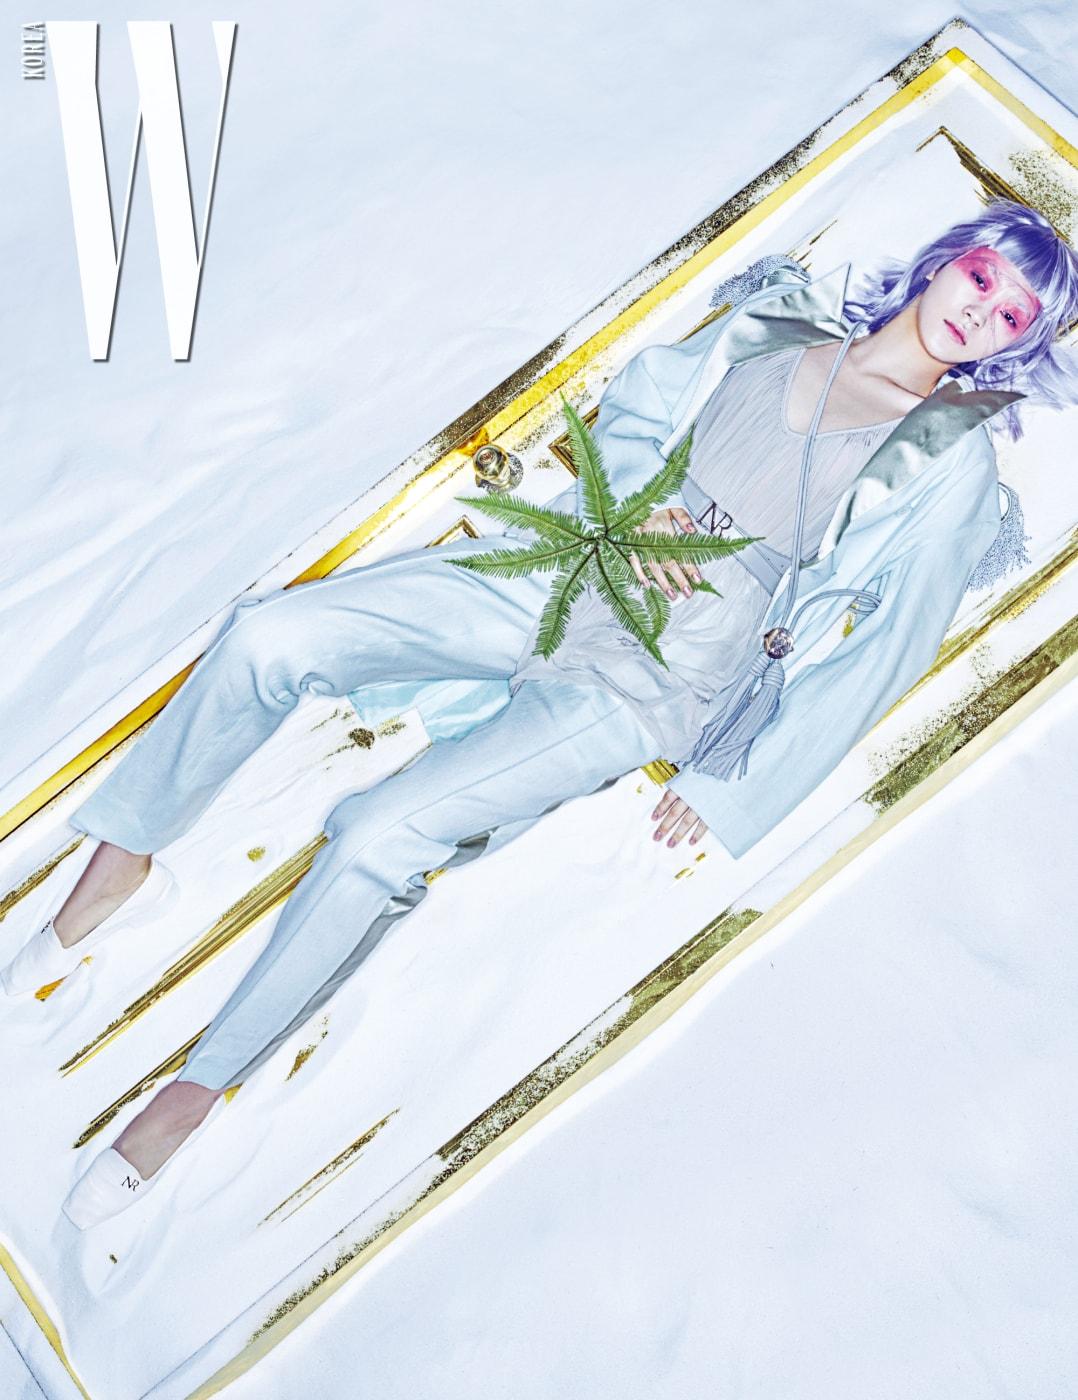 섬세한 광택의 새틴 라펠이 돋보이는 테일러드 재킷, 시폰 튜닉, 이니셜 버클 장식의 가죽 벨트, 시가렛 팬츠, 목걸이처럼 연출한 태슬 장식 가죽 벨트, NR 이니셜 장식의 로퍼는 모두 Nina Ricci 제품.